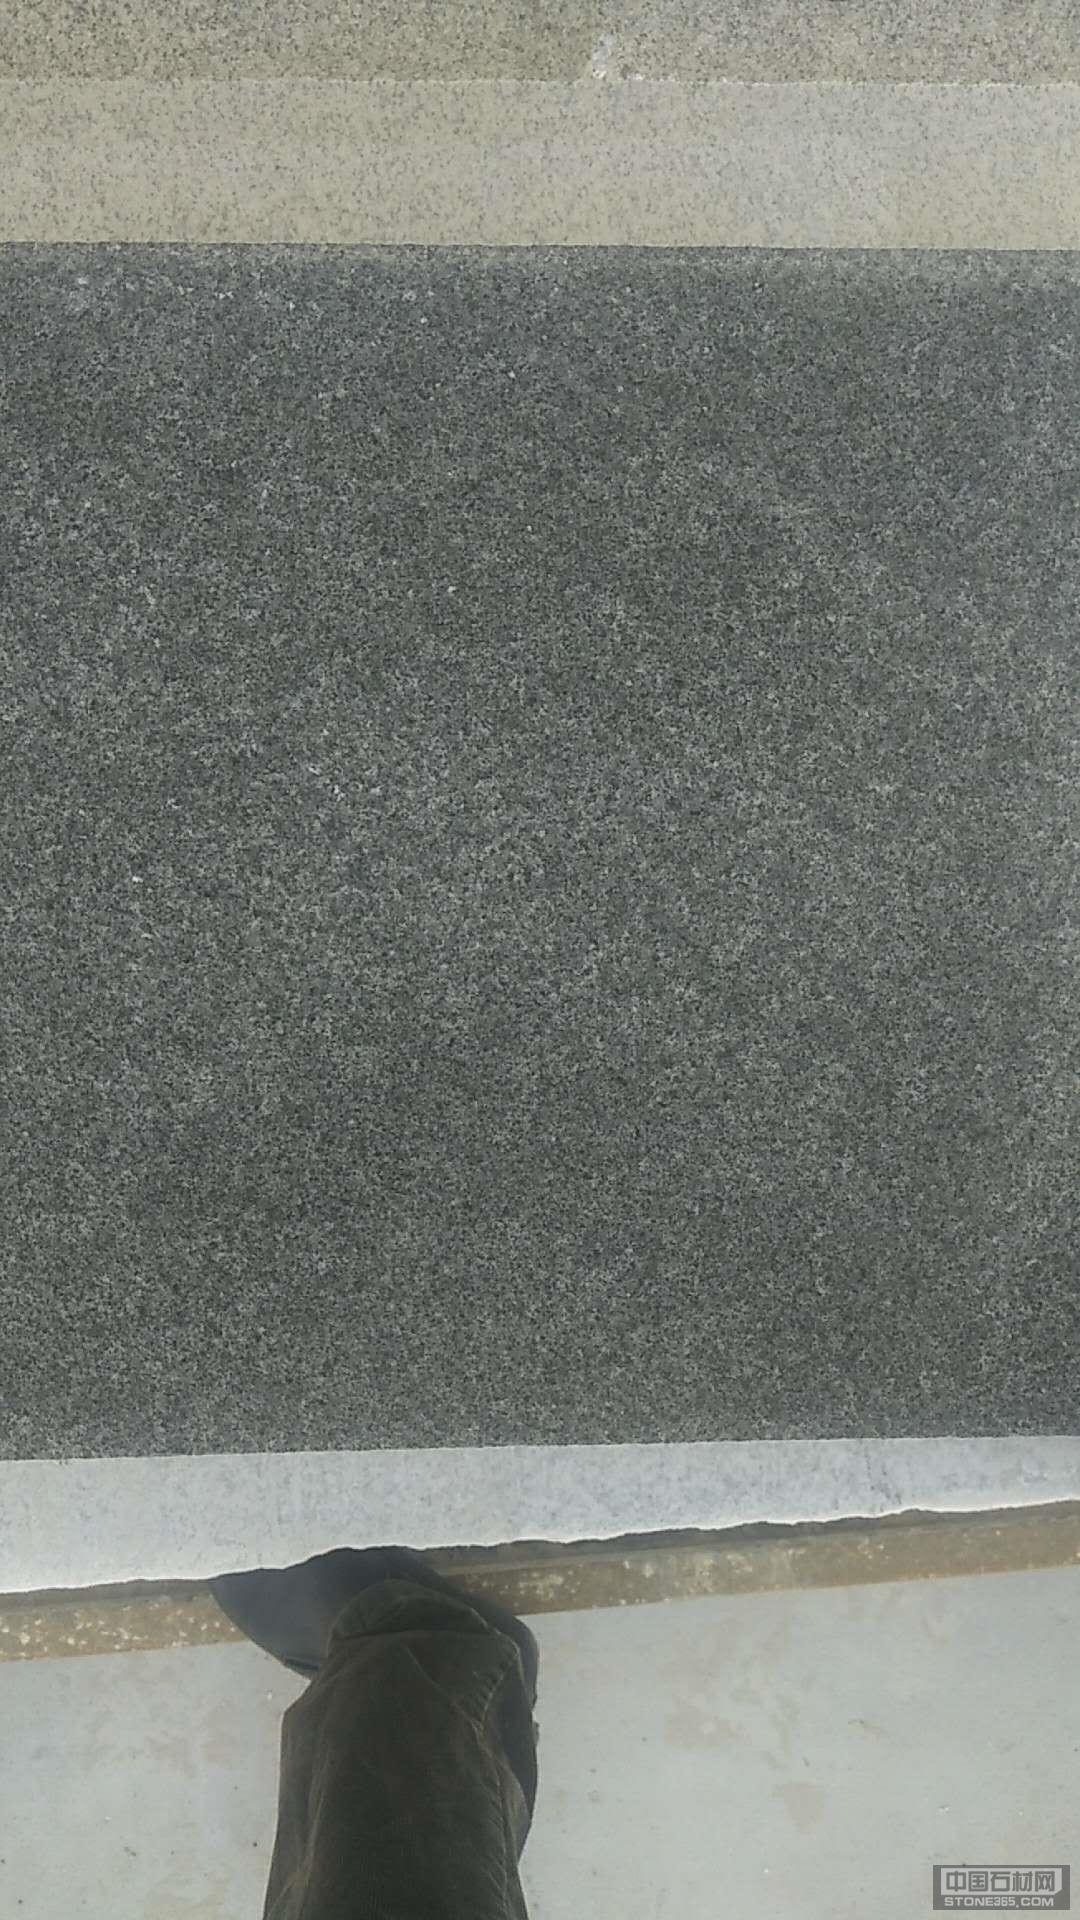 芝麻黑荔枝面板材